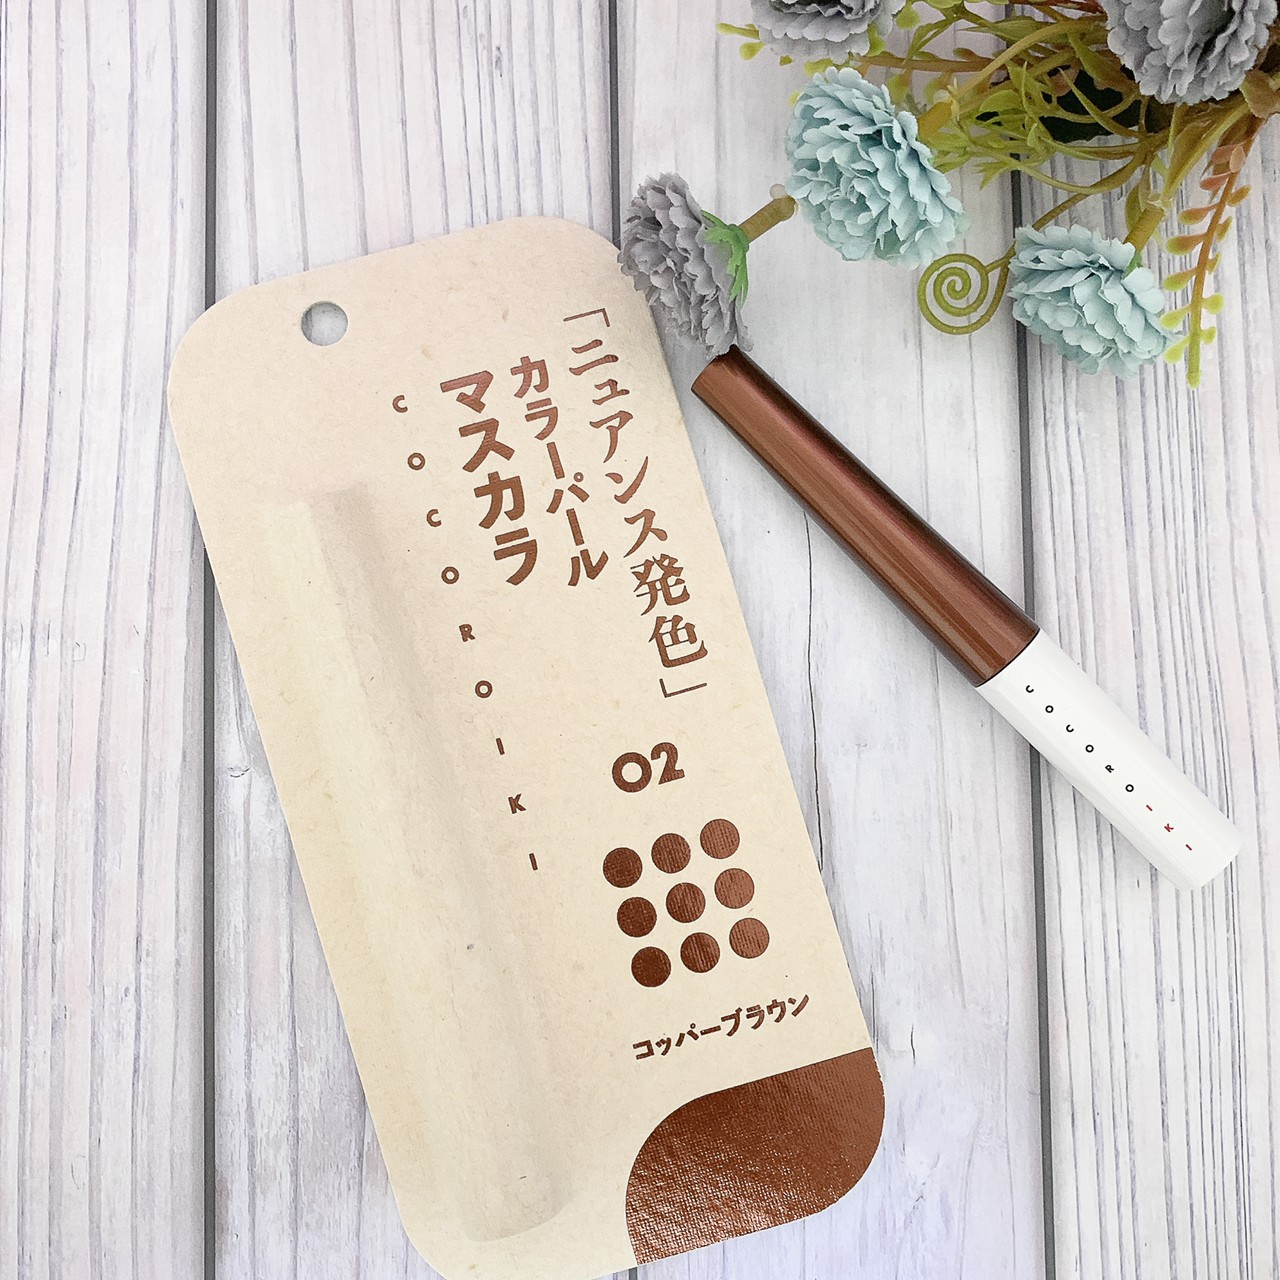 COCOROIKI(ココロイキ) アイデザインマスカラの良い点・メリットに関するkana_cafe_timeさんの口コミ画像2